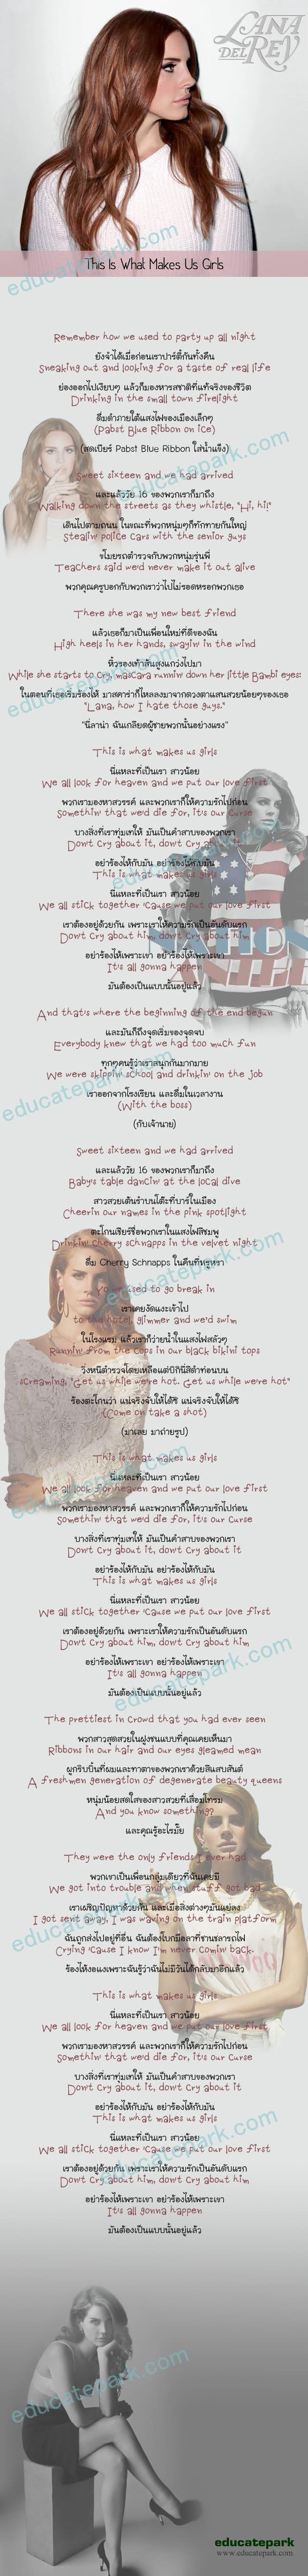 แปลเพลง This Is What Makes Us Girls - Lanna Del Rey